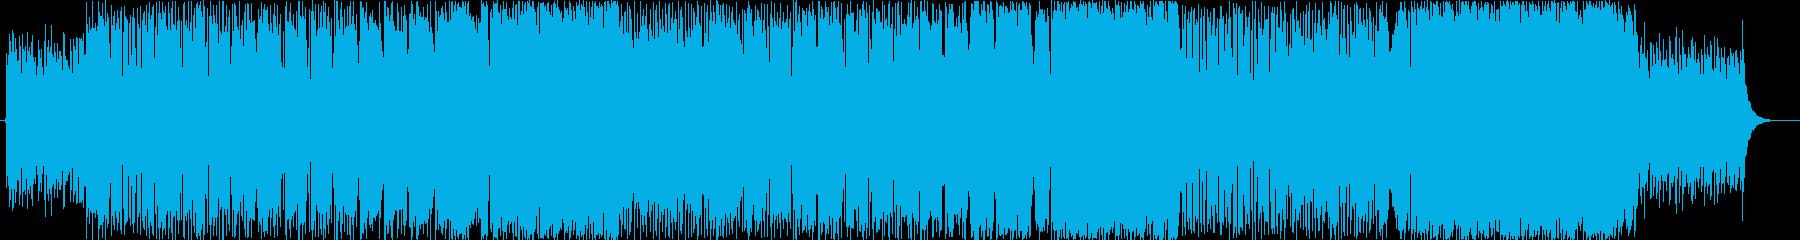 何処となく懐かしい感じの歌物楽曲。の再生済みの波形